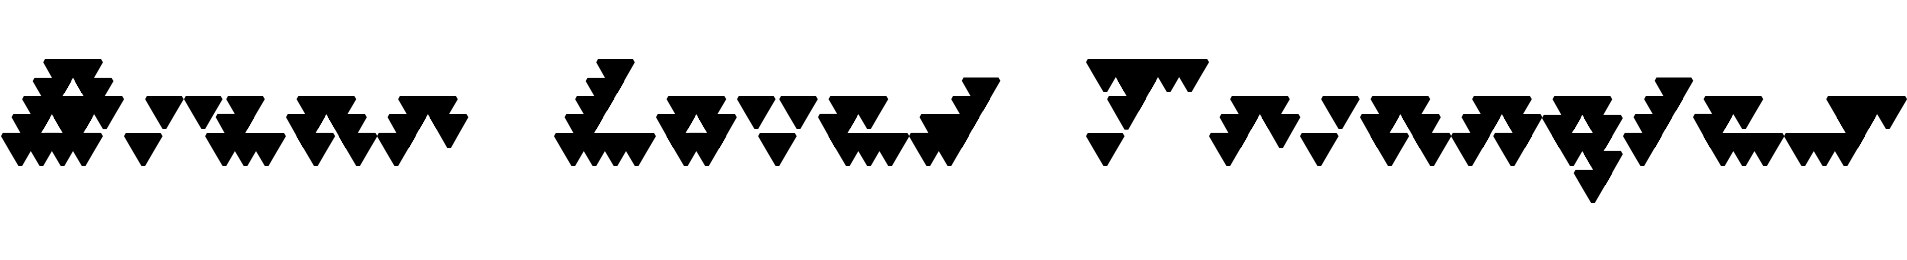 Bizar Loved Triangles